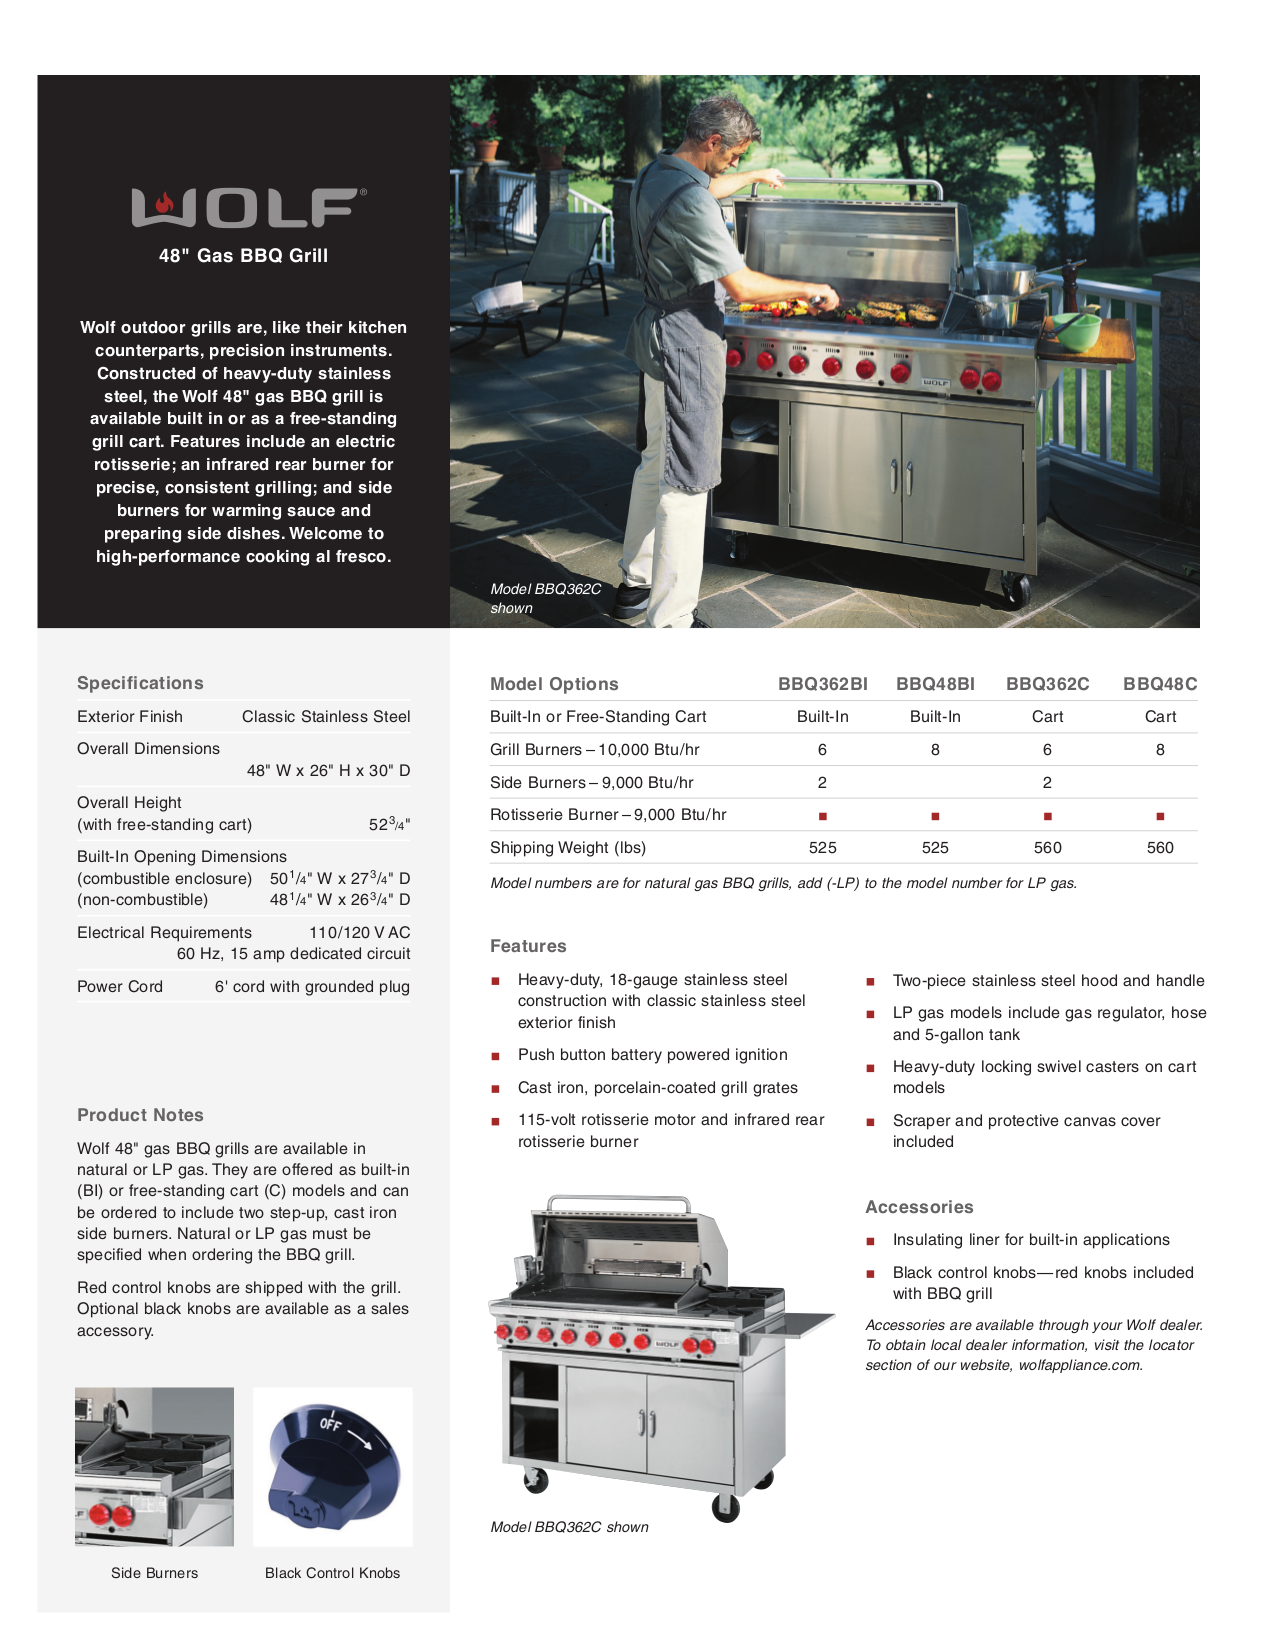 pdf for Wolf Grill BBQ48BI manual